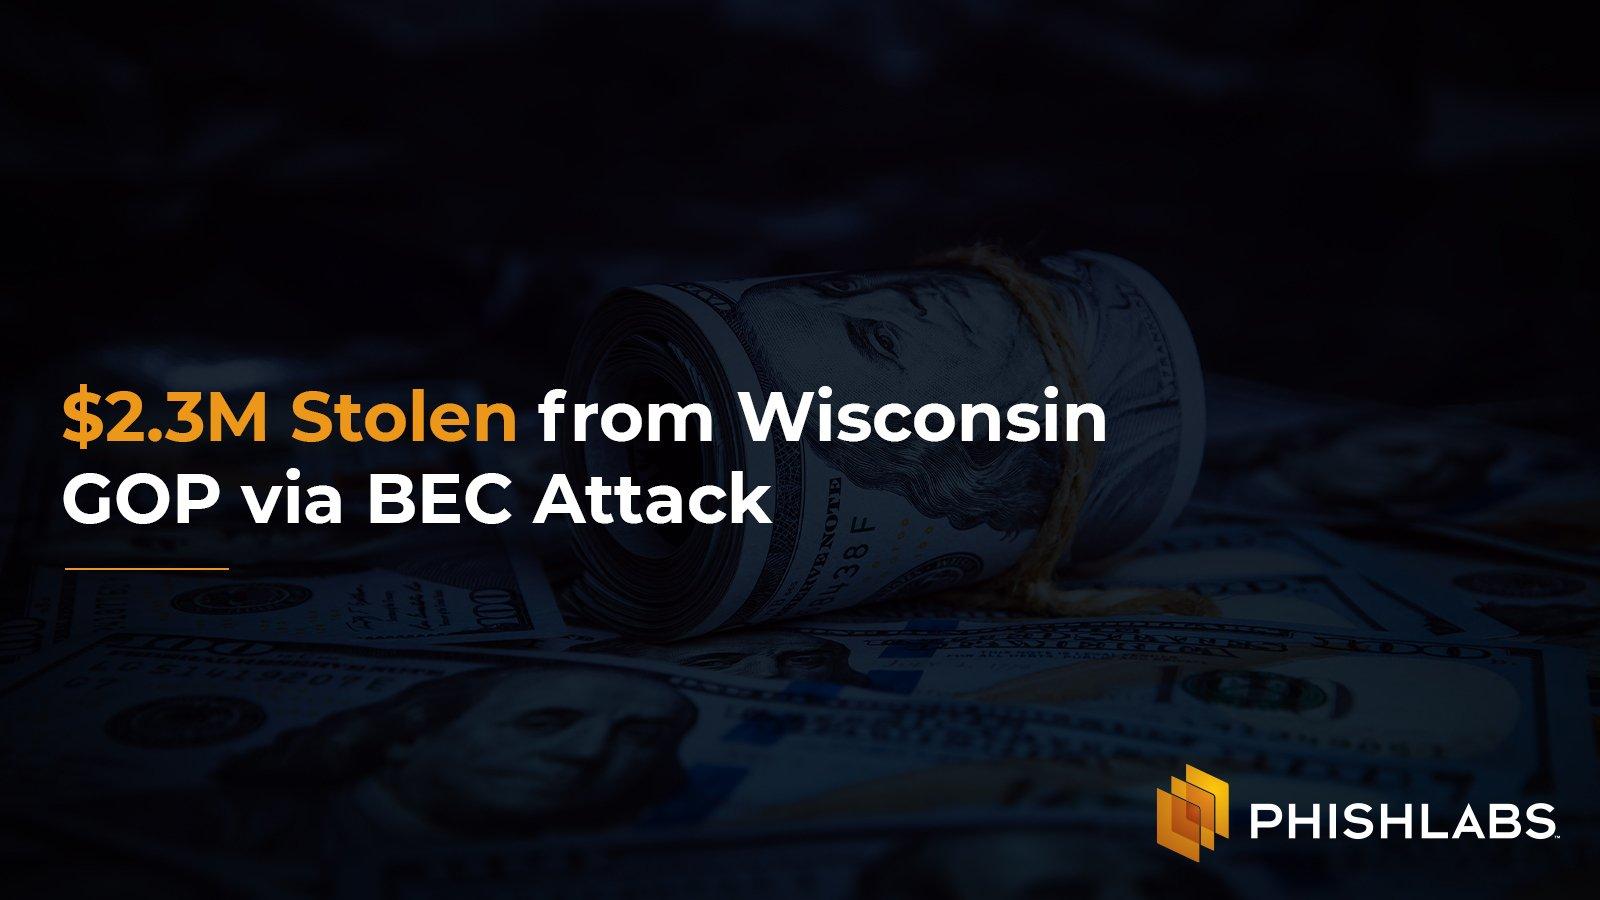 2.3M Stolen from Wisconsin GOP via BEC Attack